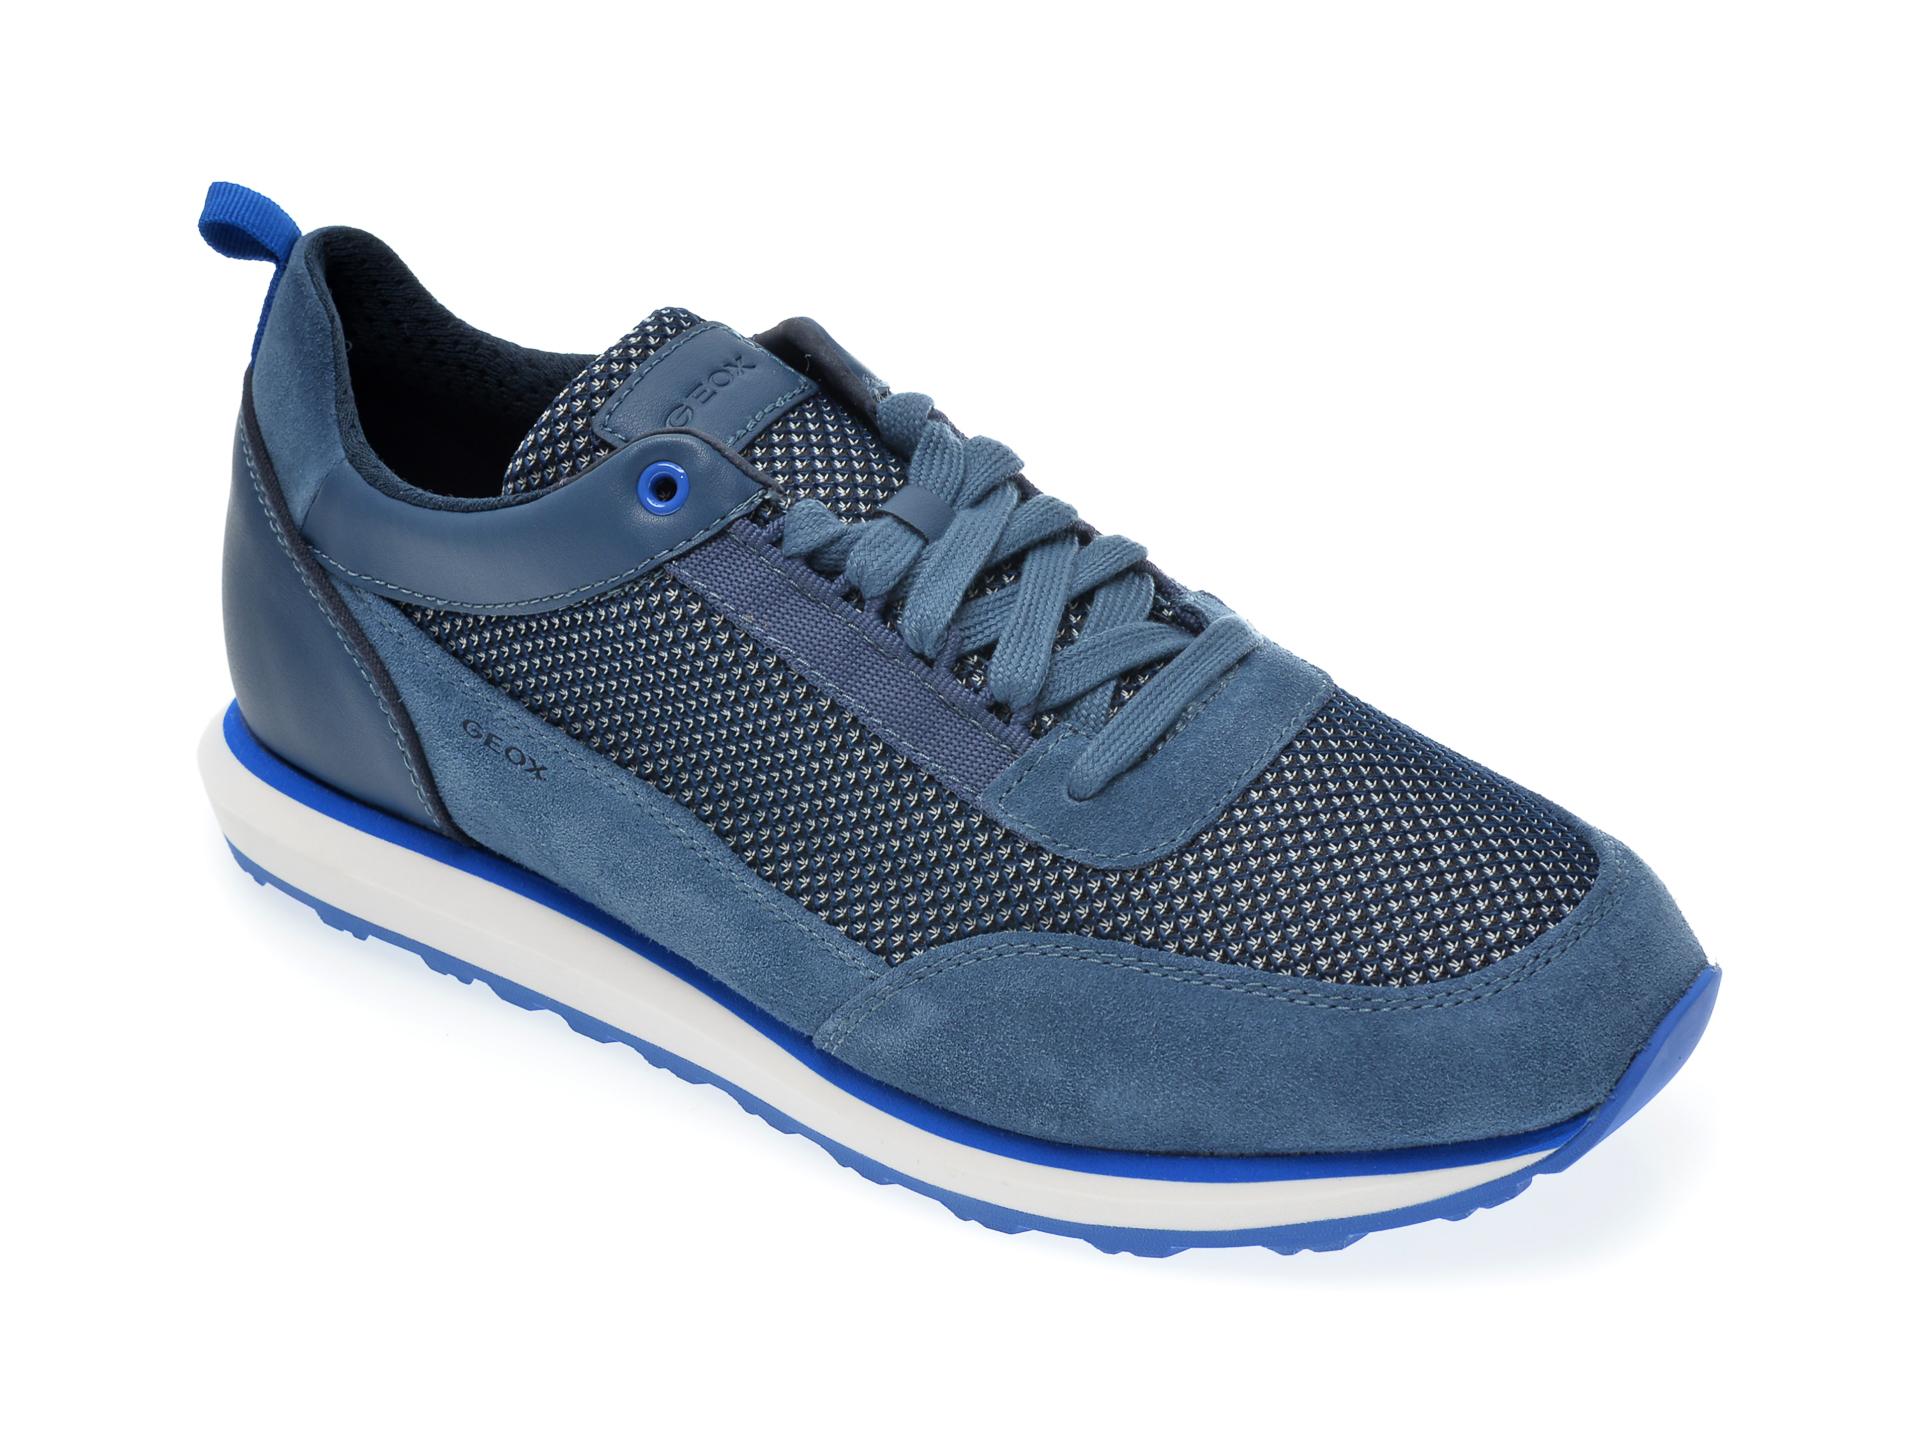 Pantofi sport GEOX albastri, U029WC, din material textil si piele naturala imagine